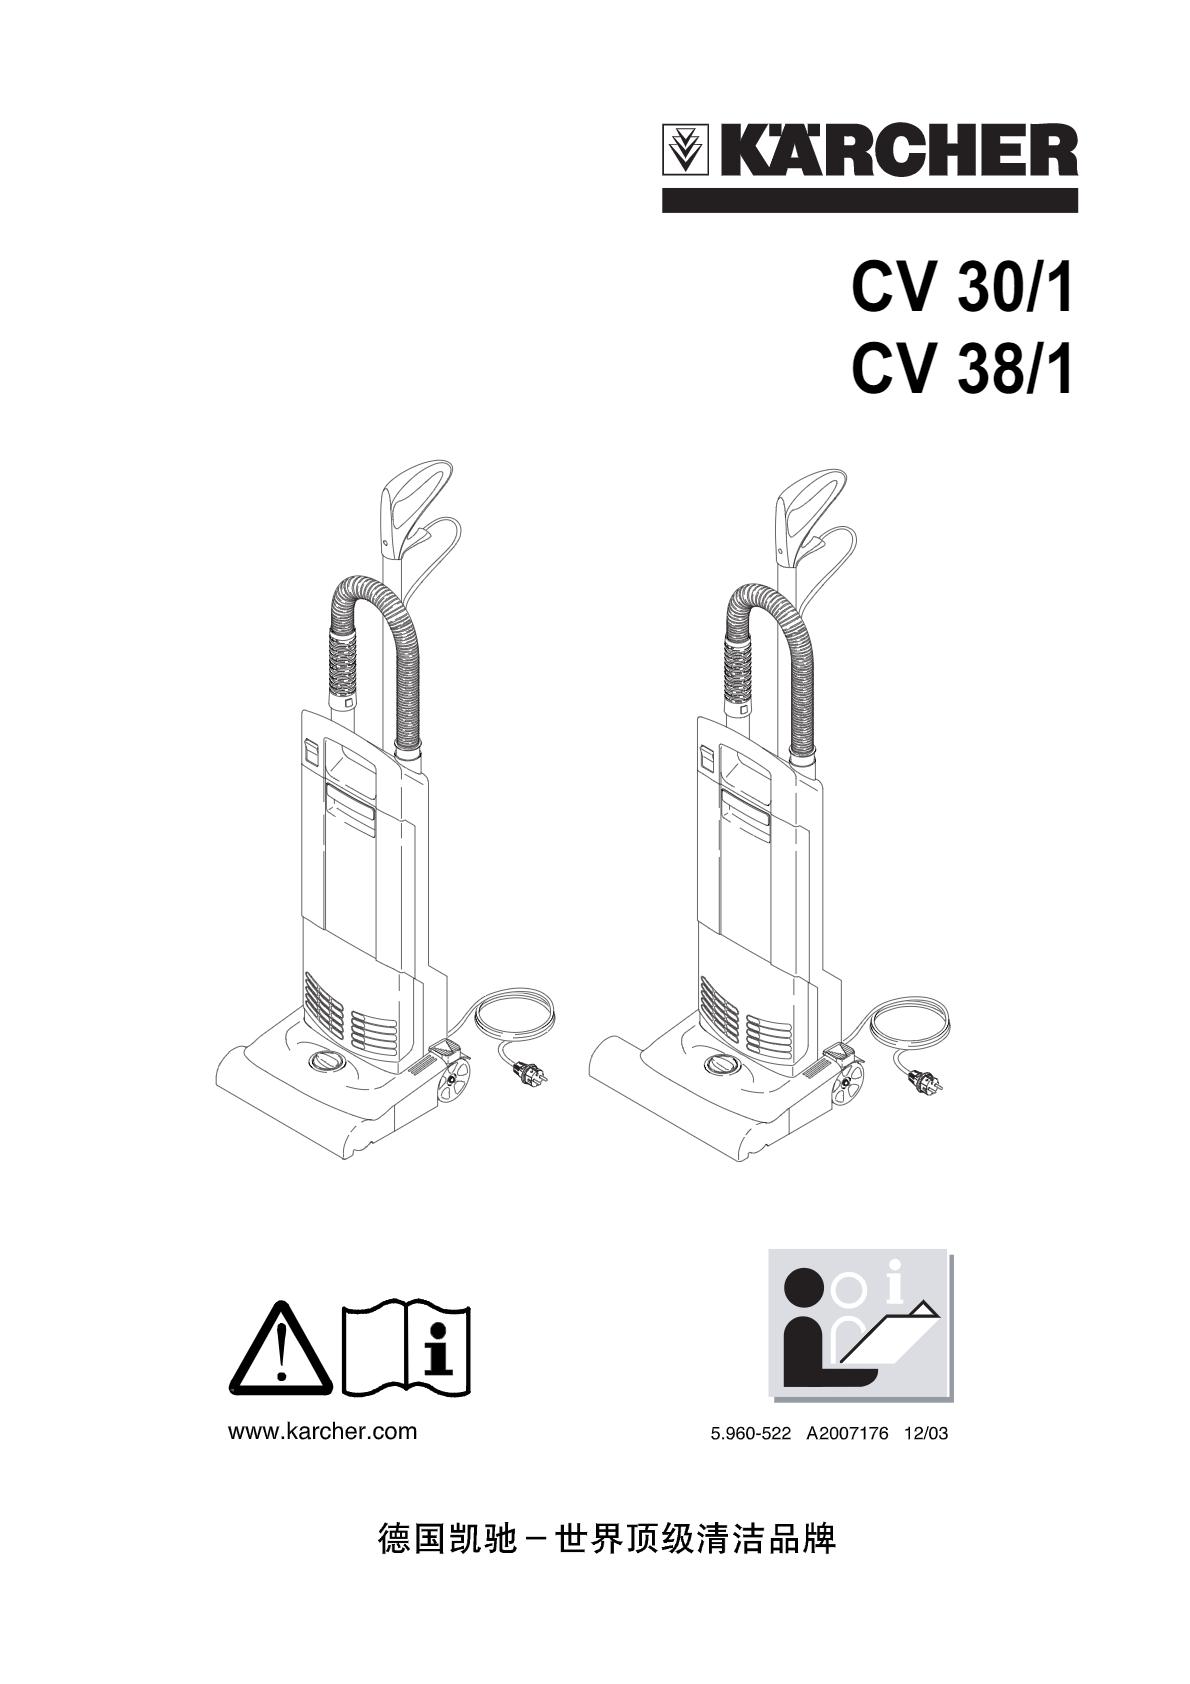 直立式真空吸尘器 CV30_1说明书说明书下载